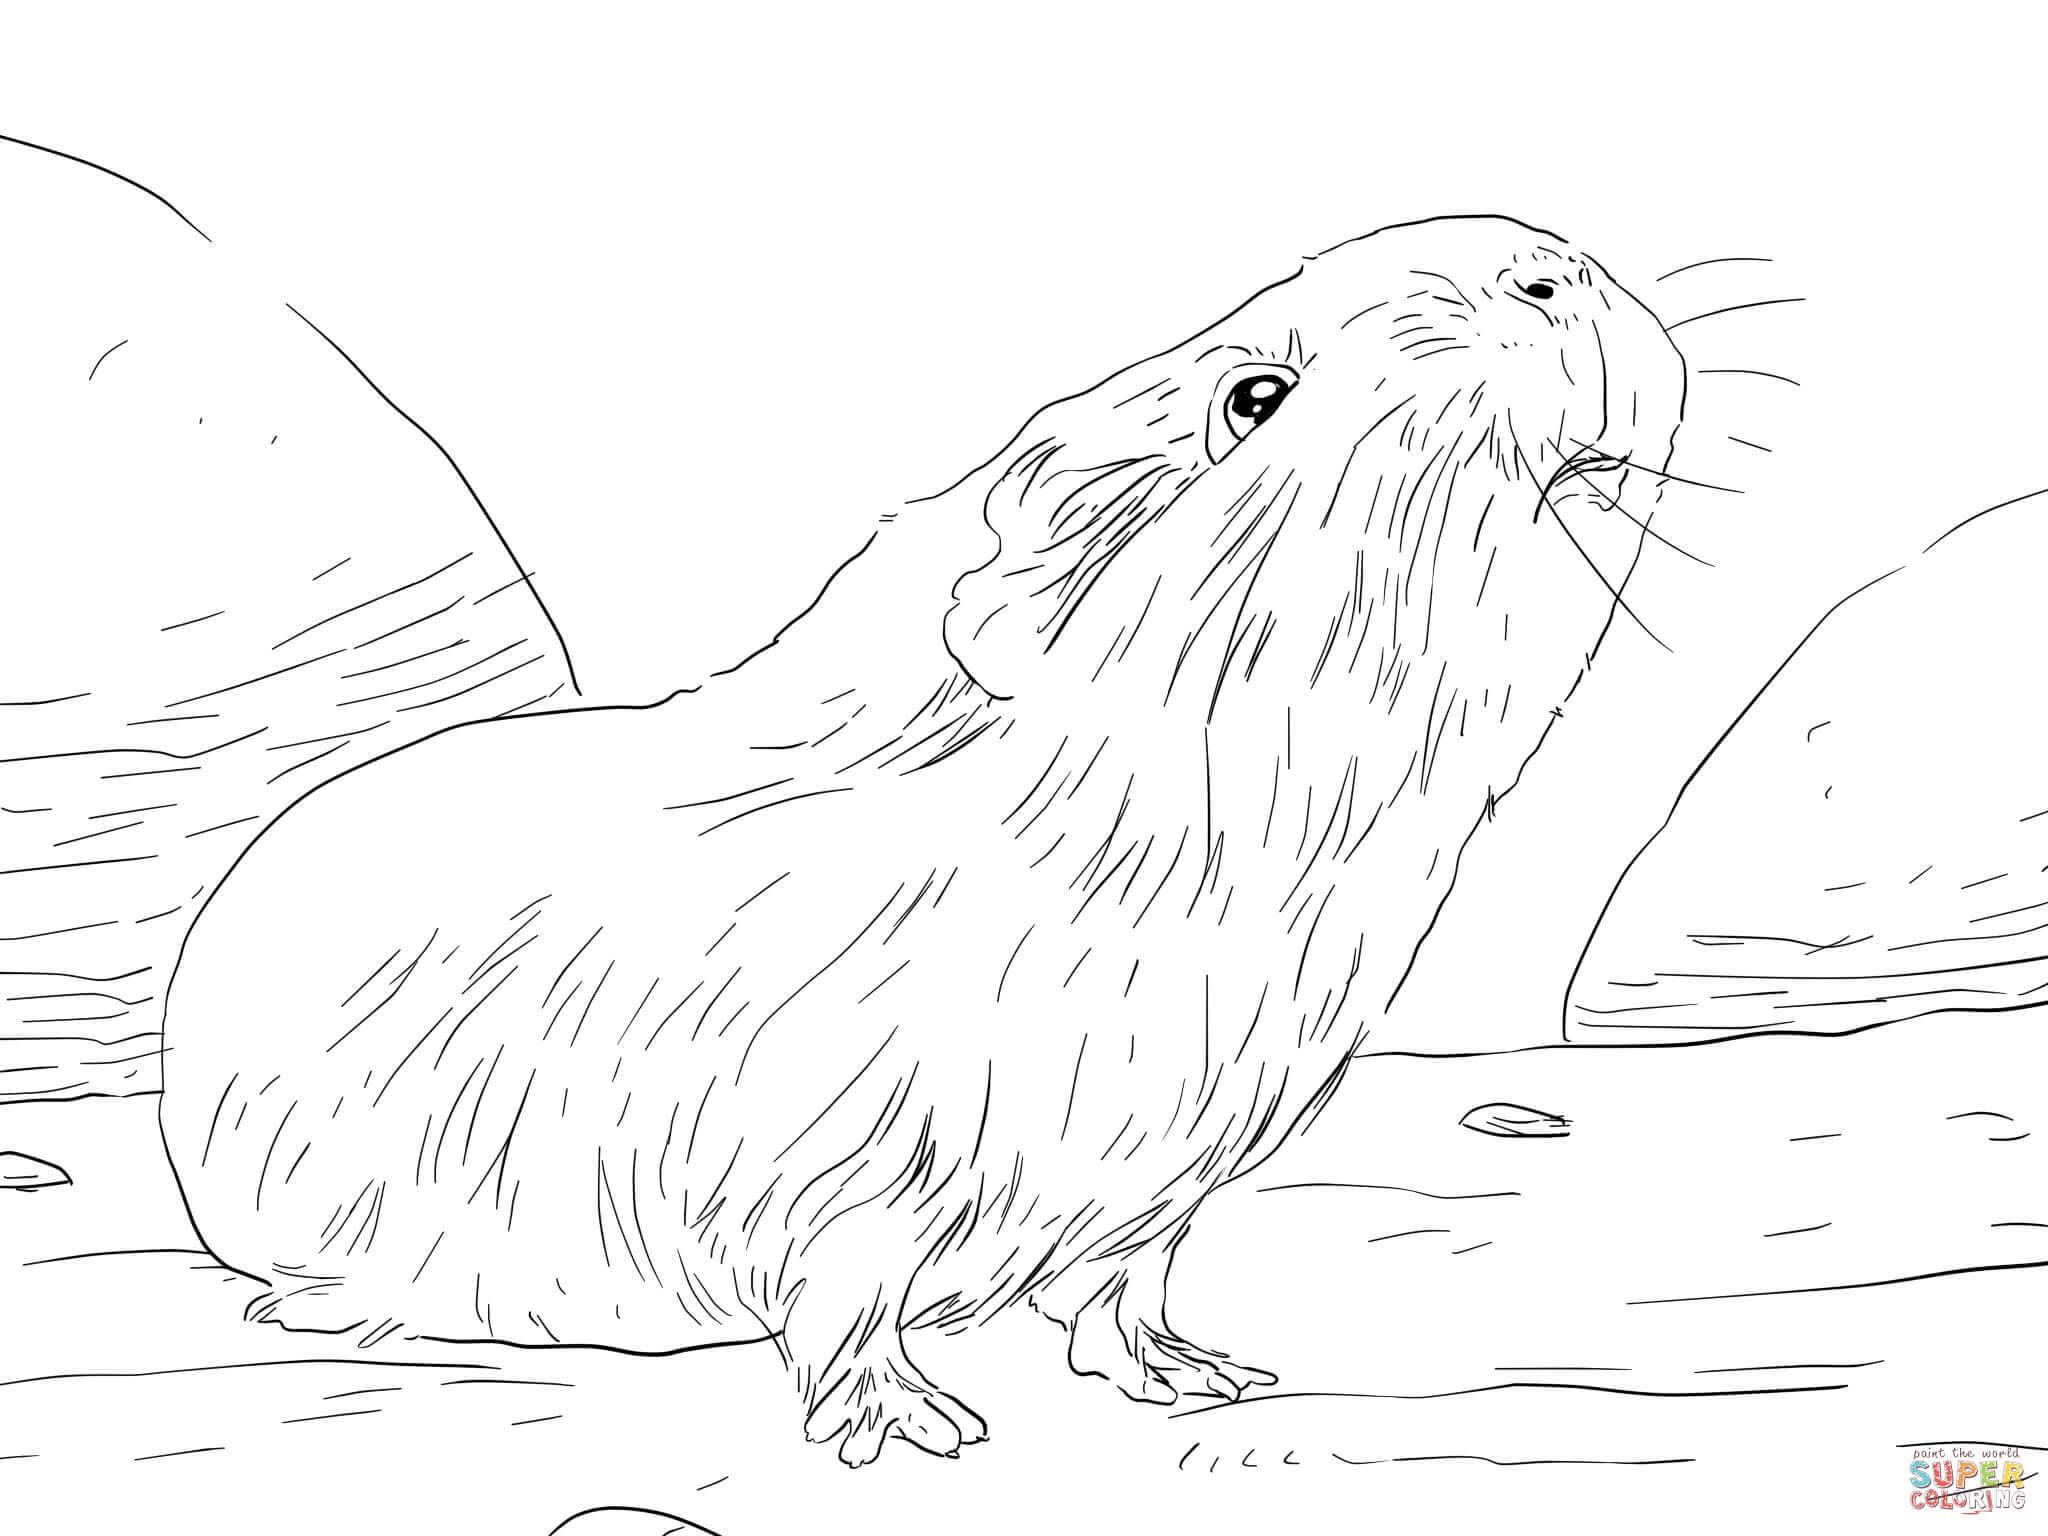 Ausmalbild: Neugieriges Meerschweinchen | Ausmalbilder in Meerschweinchen Bilder Zum Ausmalen